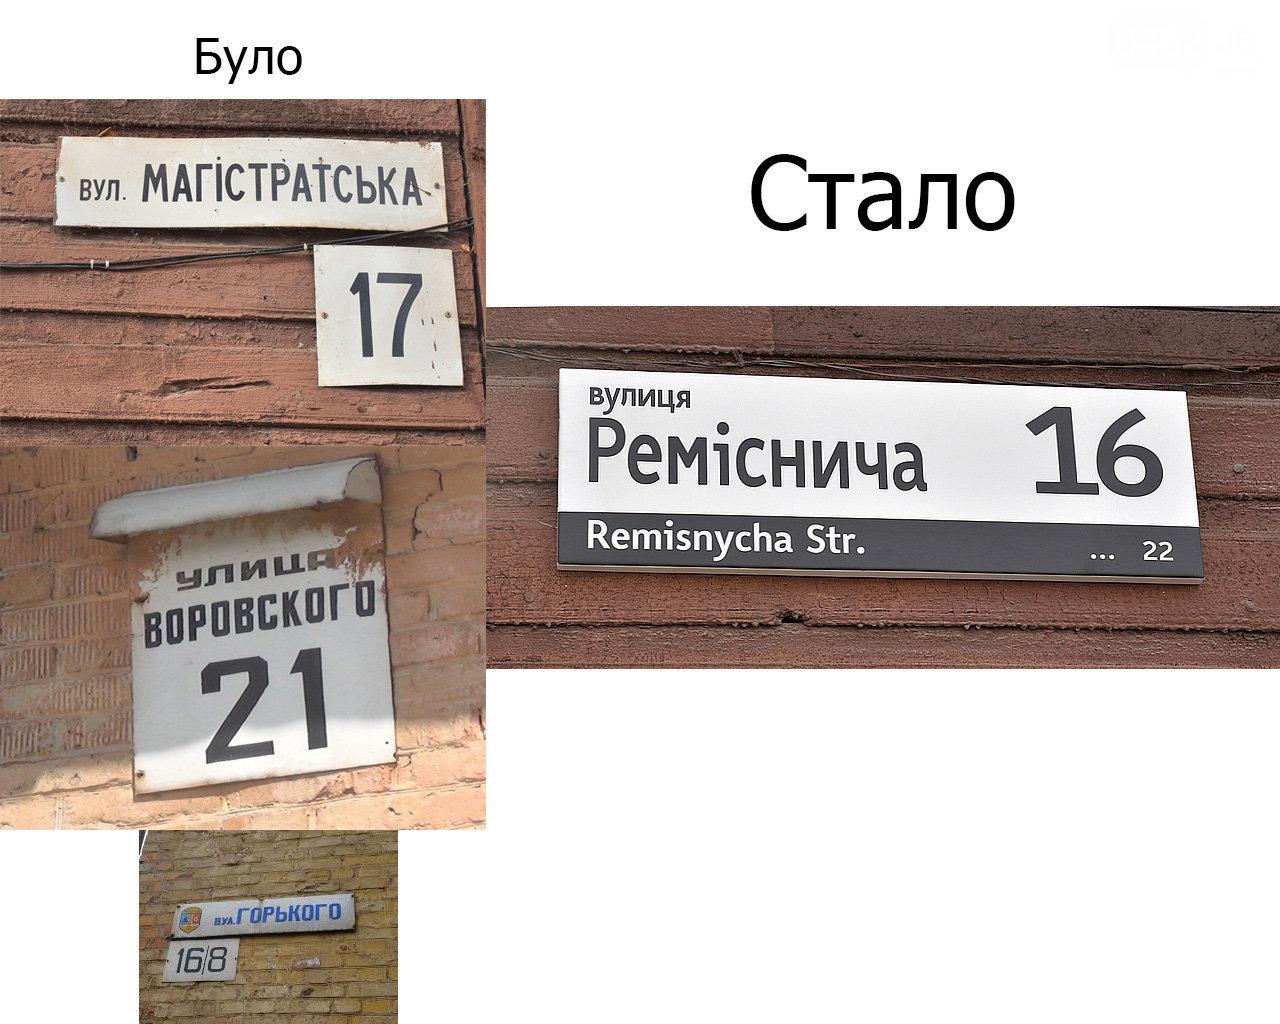 У Чернігові змонтували 350 нових будинкових вказівників, фото-1